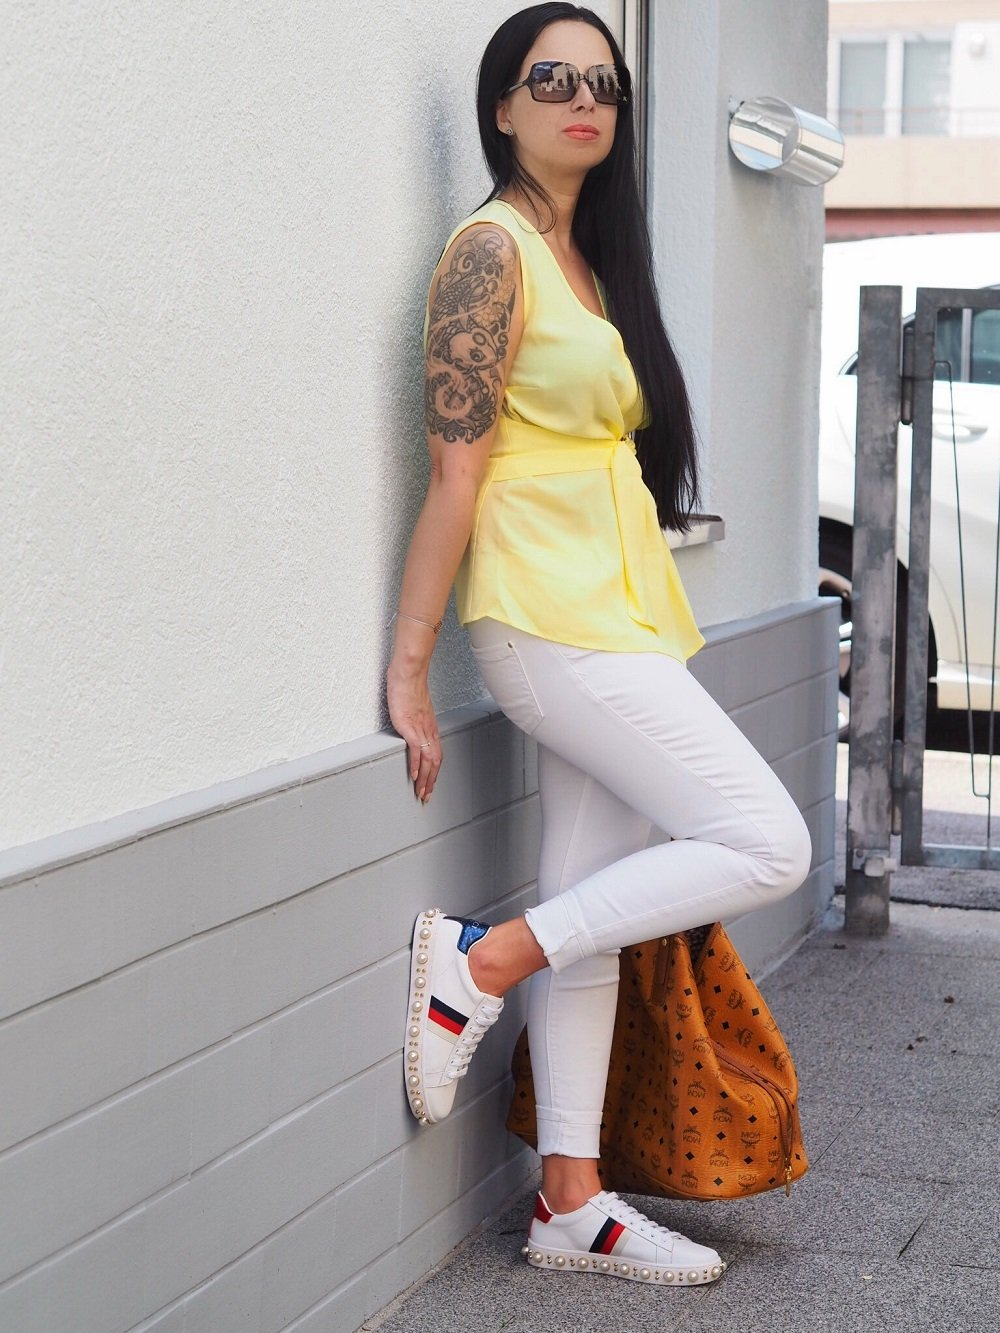 Heute zeige ich euch ein OOTD mit gelber Edited Bluse, Zara Jeans, Gucci Sneakern und MCM Shopper und bringe euch die Geschichte des Taschenlabels MCM näher